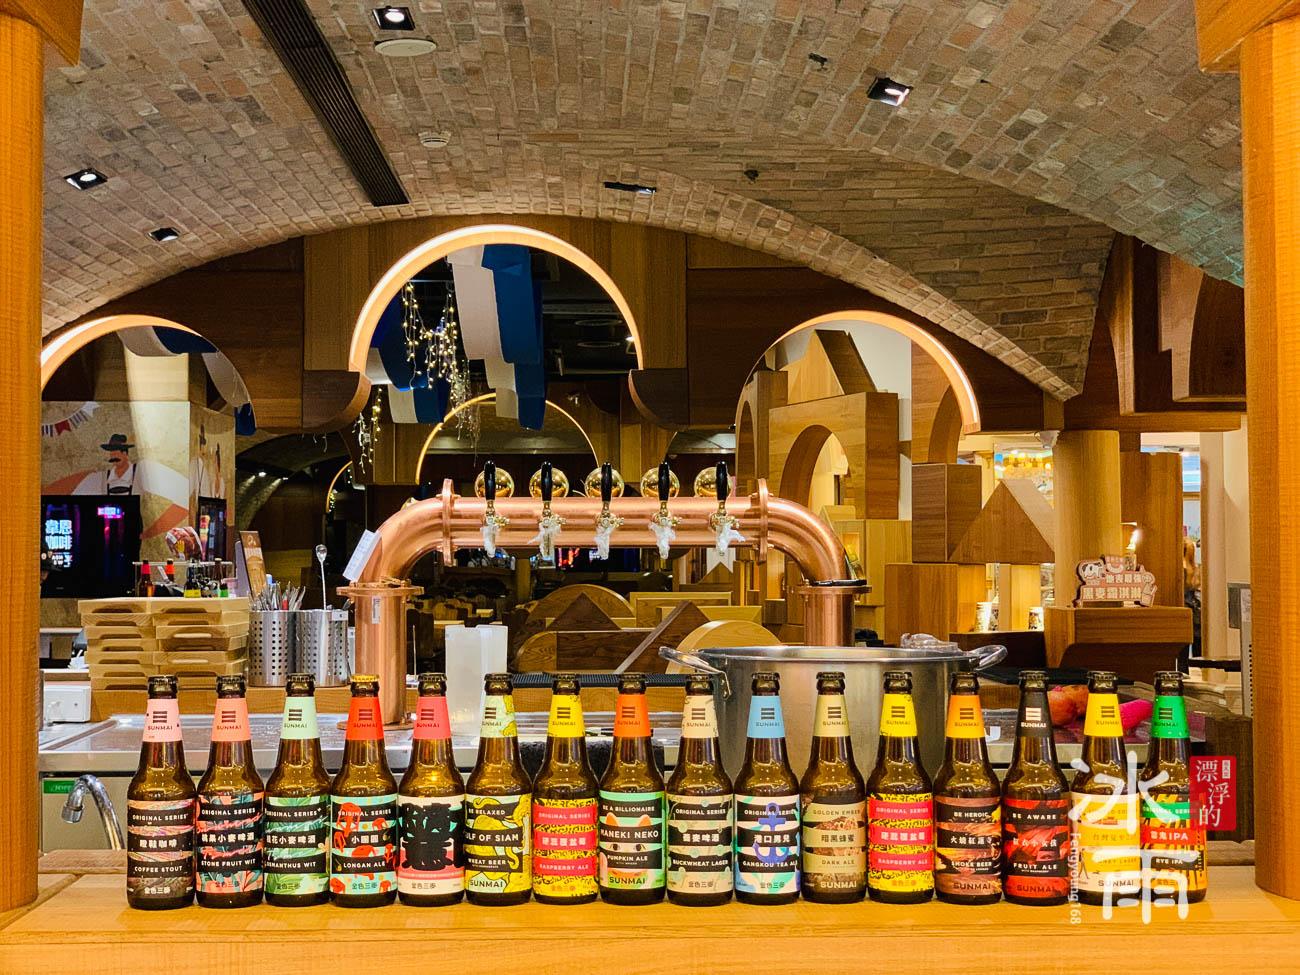 【金色三麥】板橋大遠百店2020菜單|交通|特色精釀啤酒美式餐廳 Top10餐點介紹